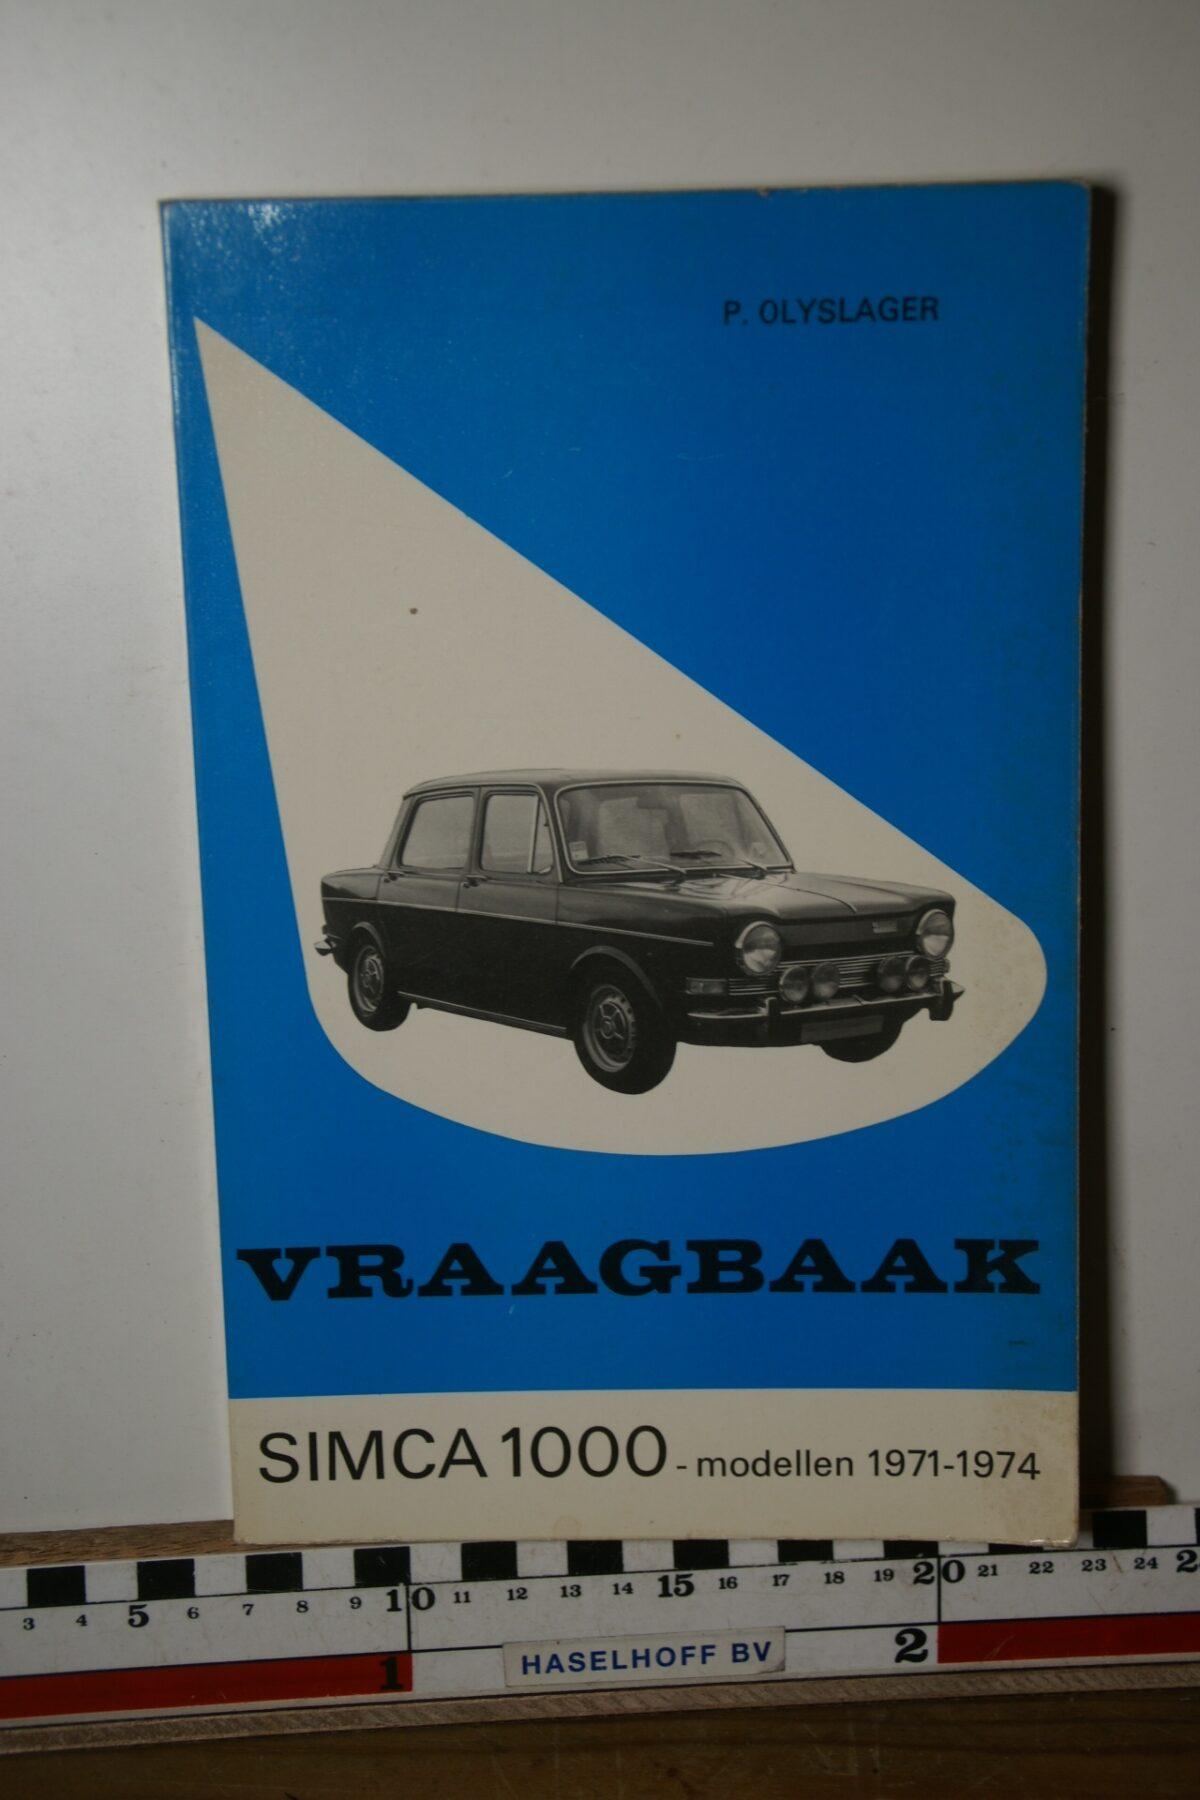 Olyslager vraagbaak Simca 1000 180205-3691-0